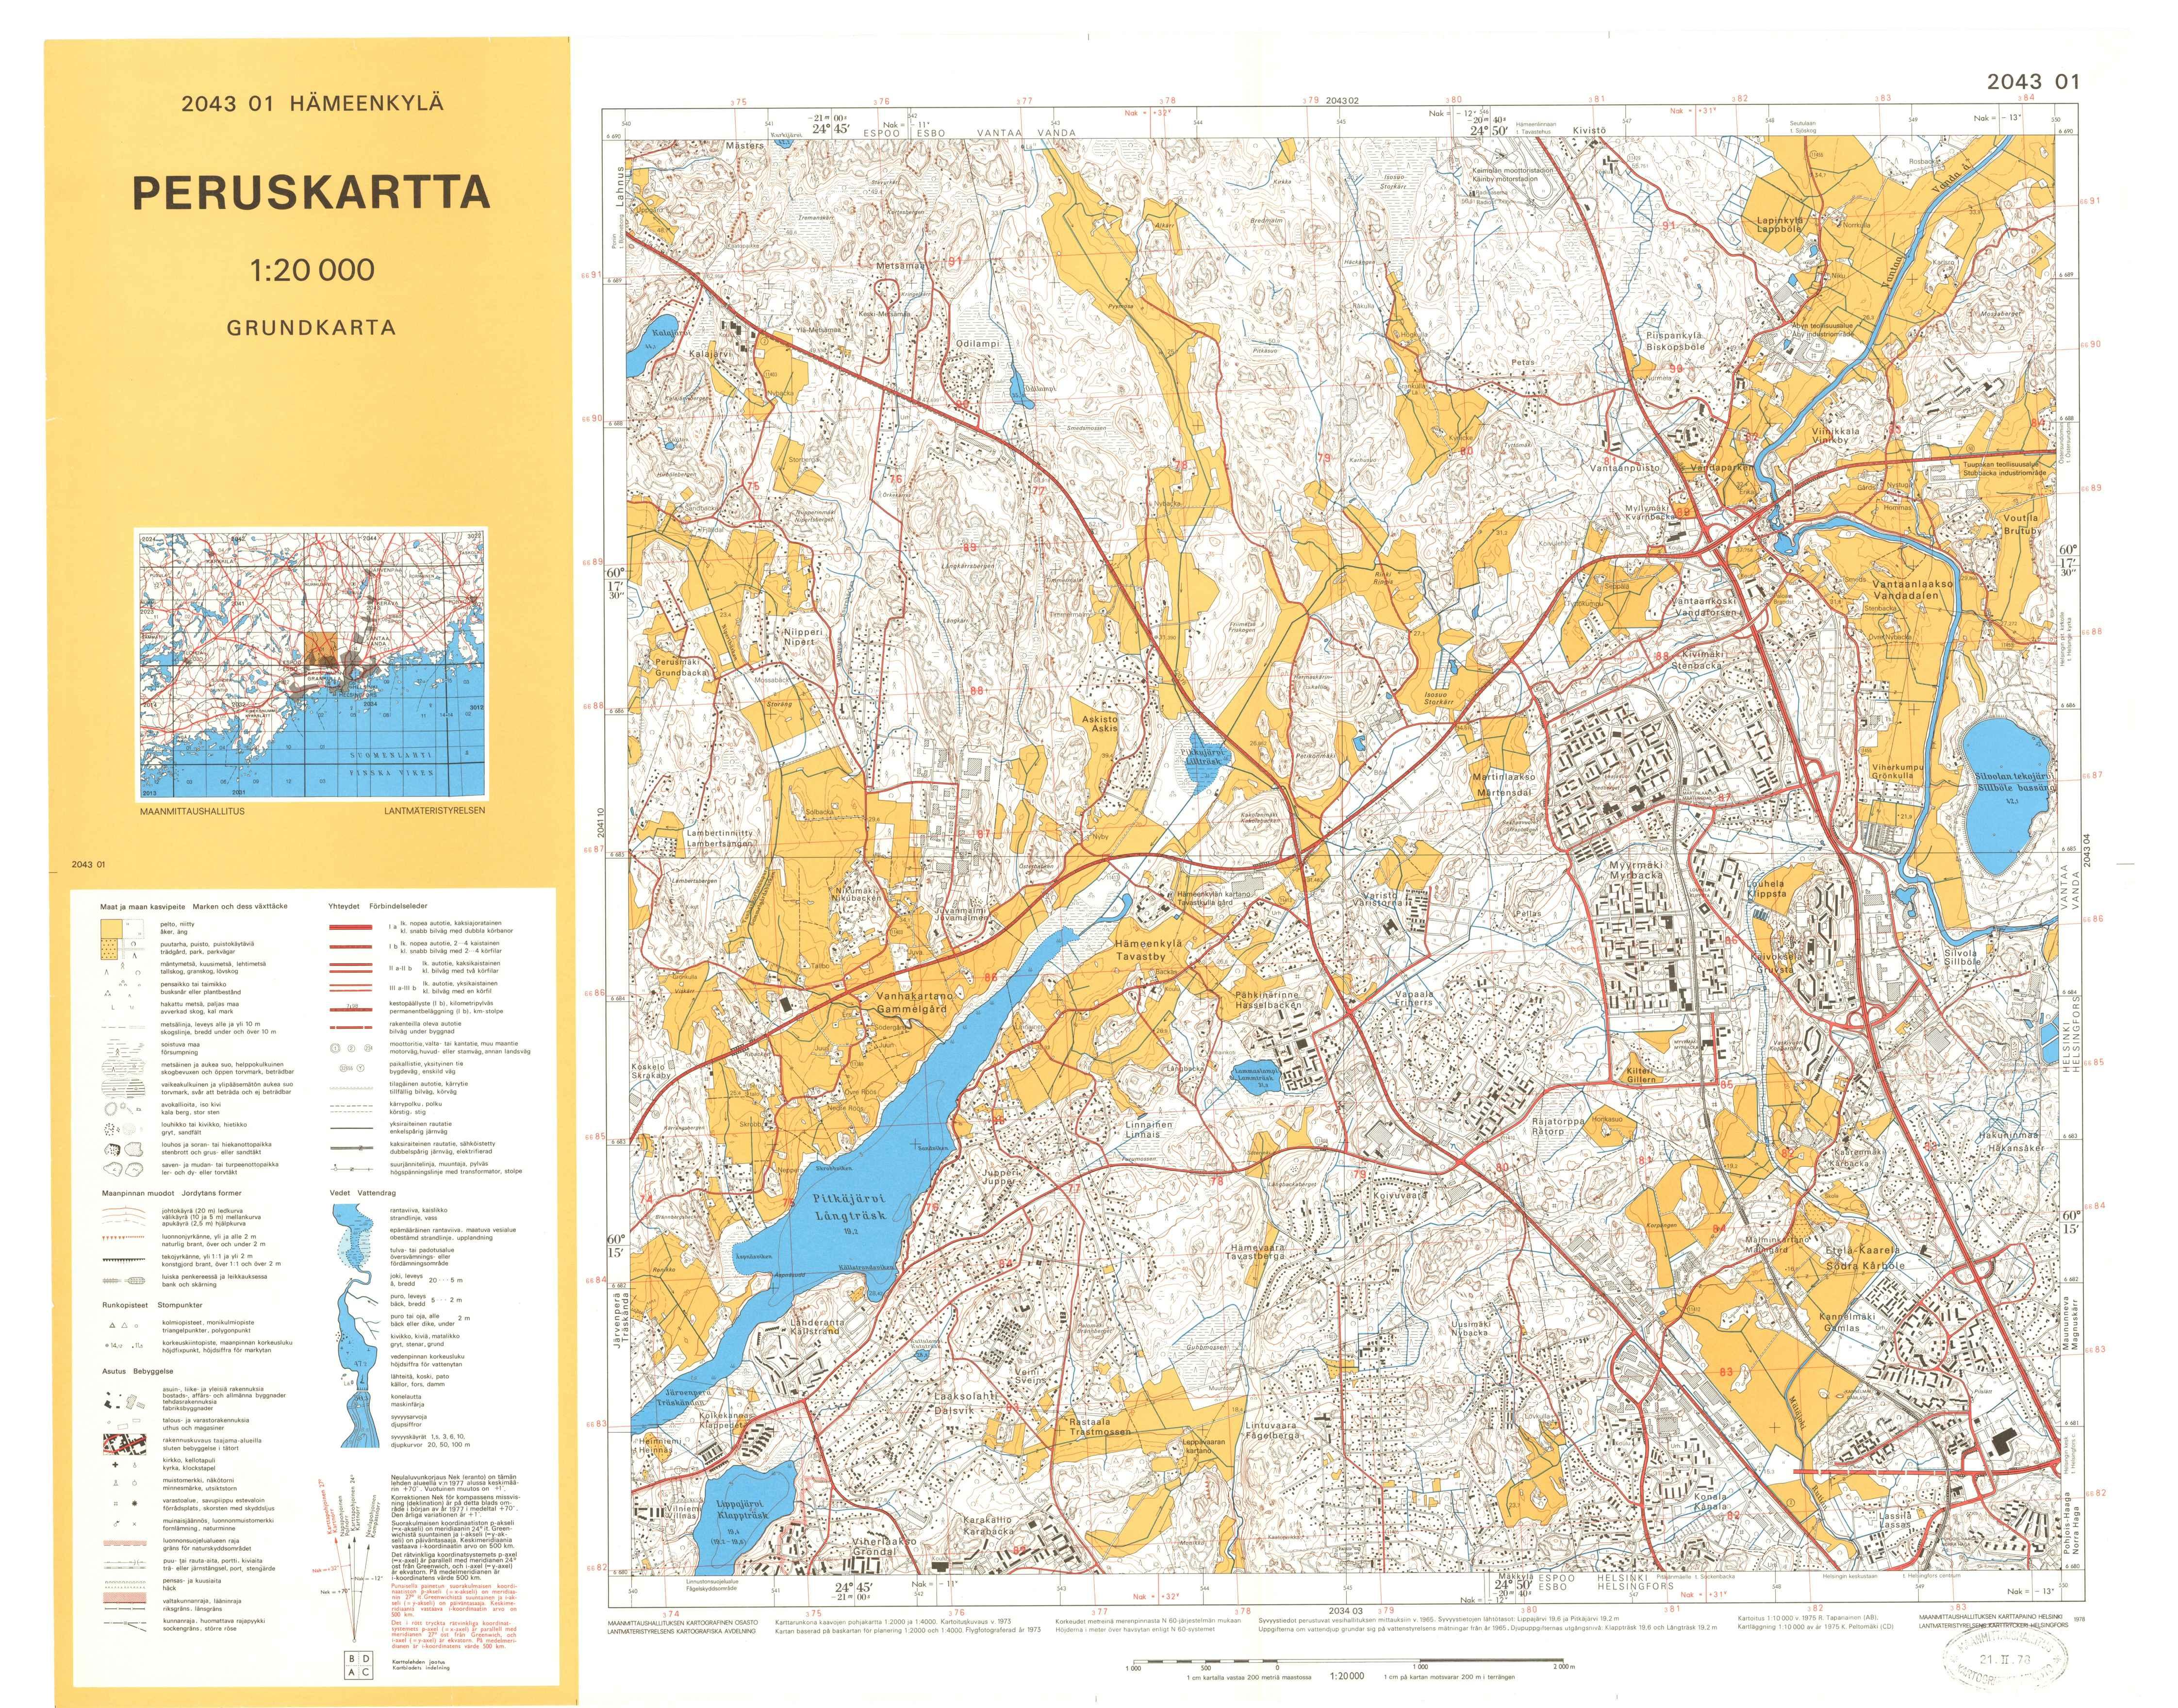 Kartta vuodelta 1978